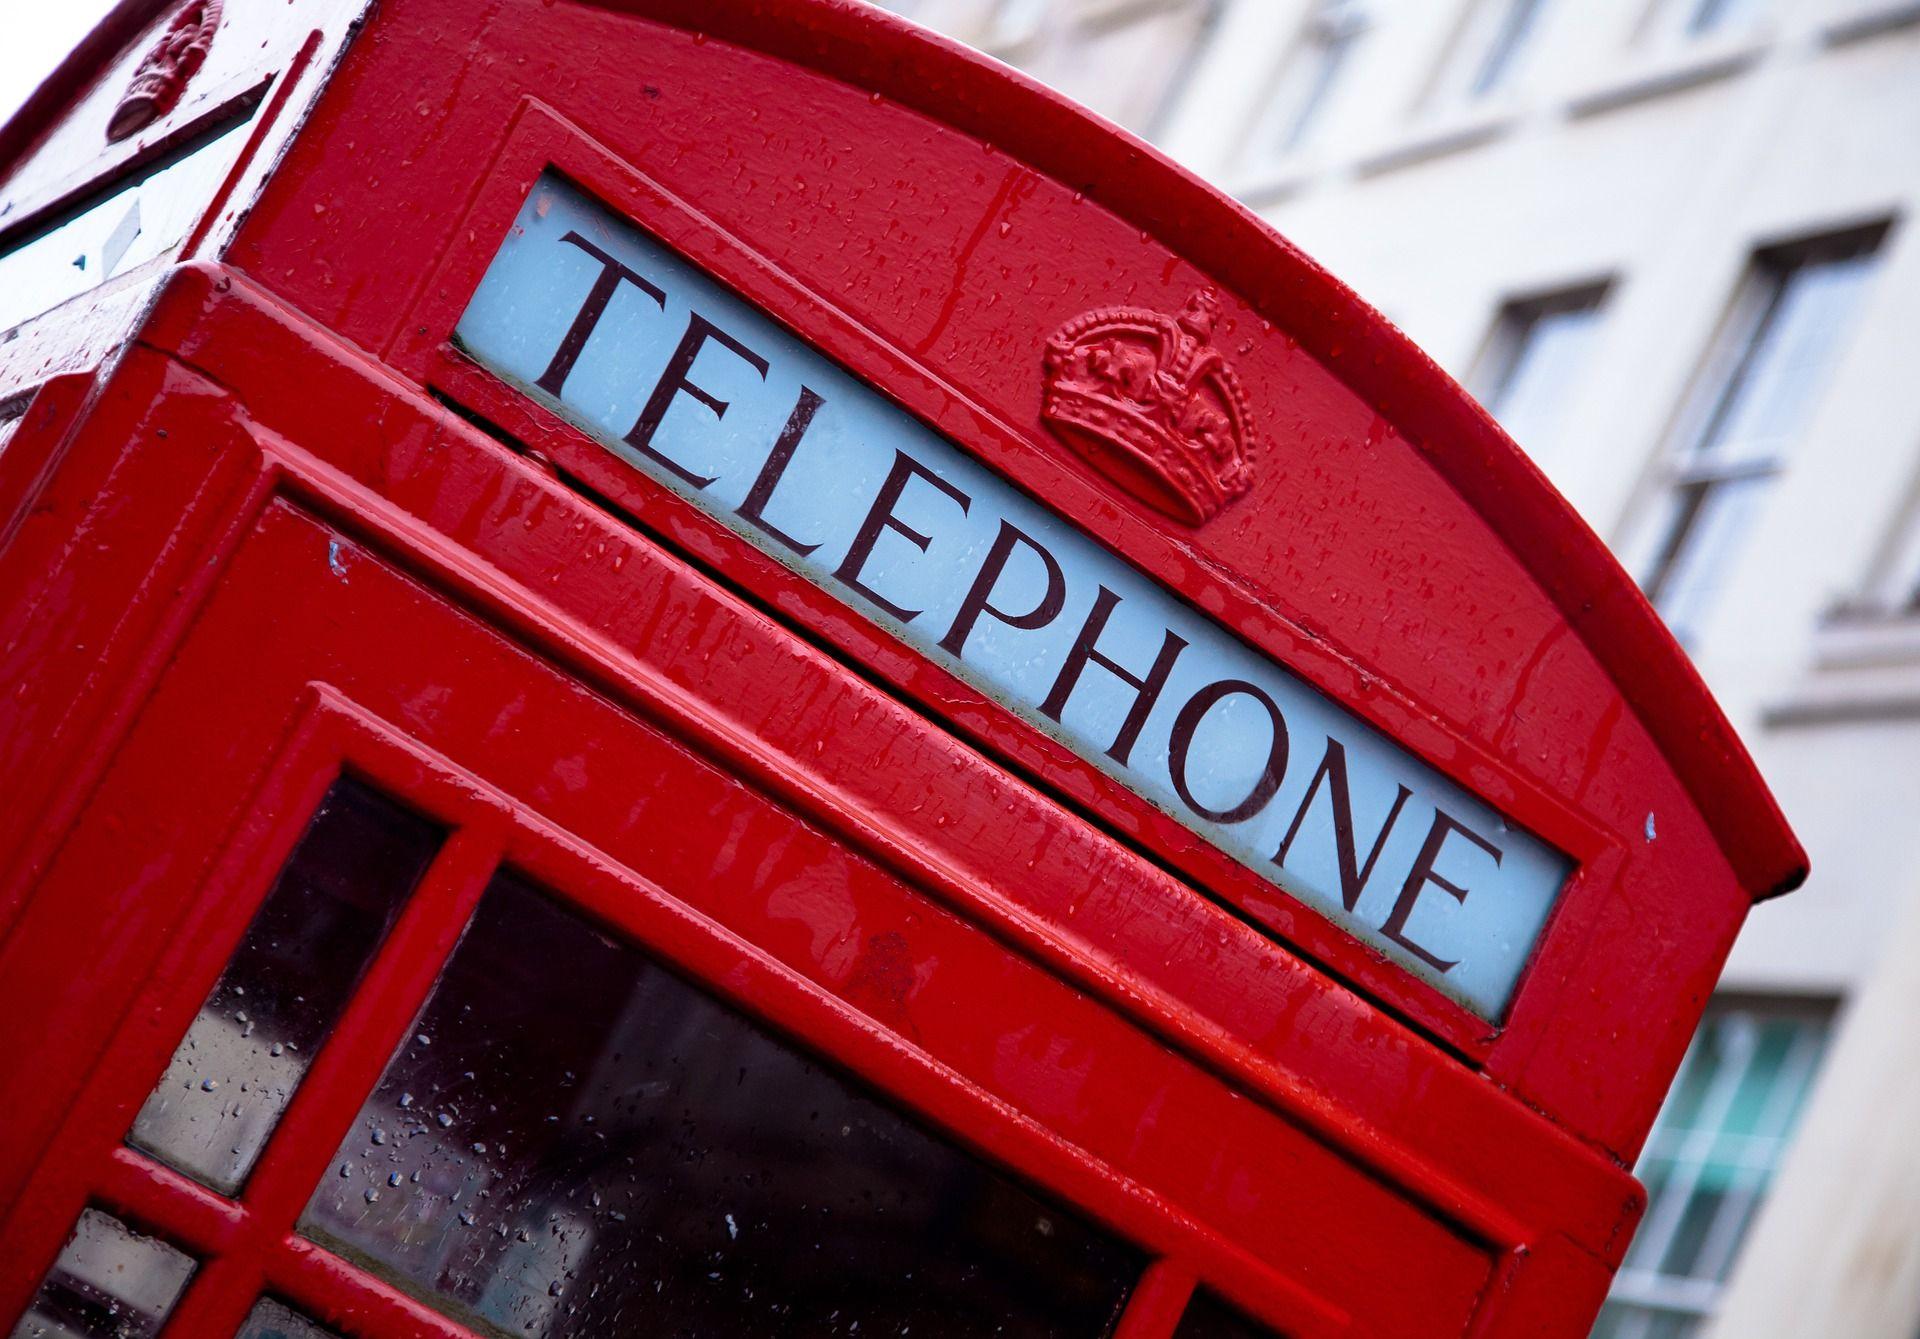 cabina de teléfono británica con tarifas Vodafone